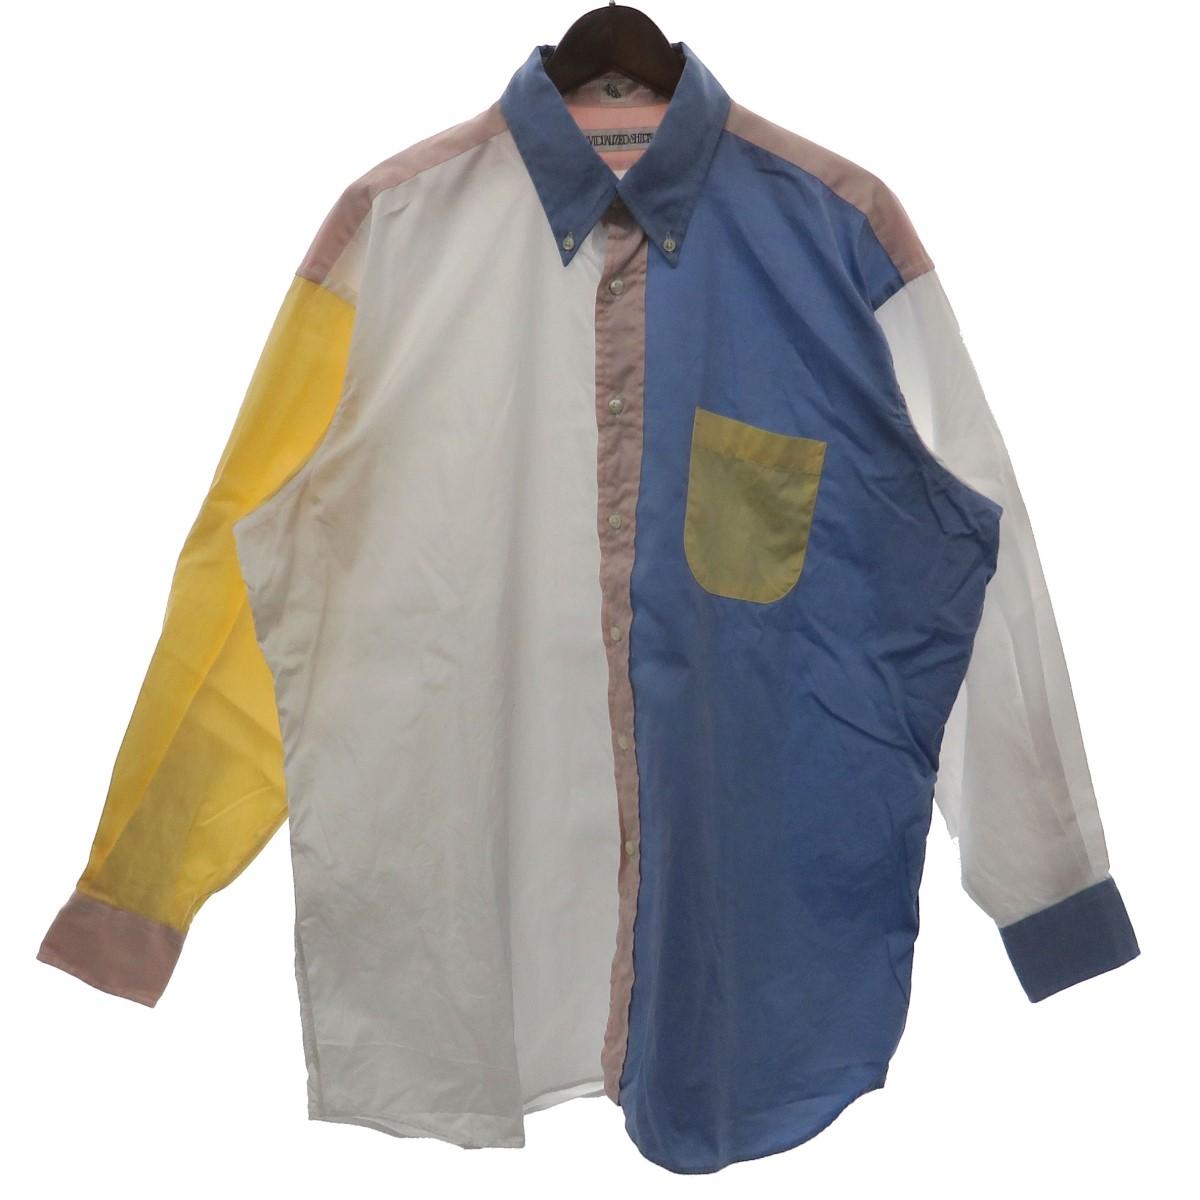 【中古】INDIVIDUALIZED SHIRTS×KAPTAIN SUNSHINE クレイジーパターンボタンダウンシャツ オーバーサイズシャツ マルチカラー サイズ:L 【230320】(インディビジュアライズドシャツ×キャプテンサンシャイン)